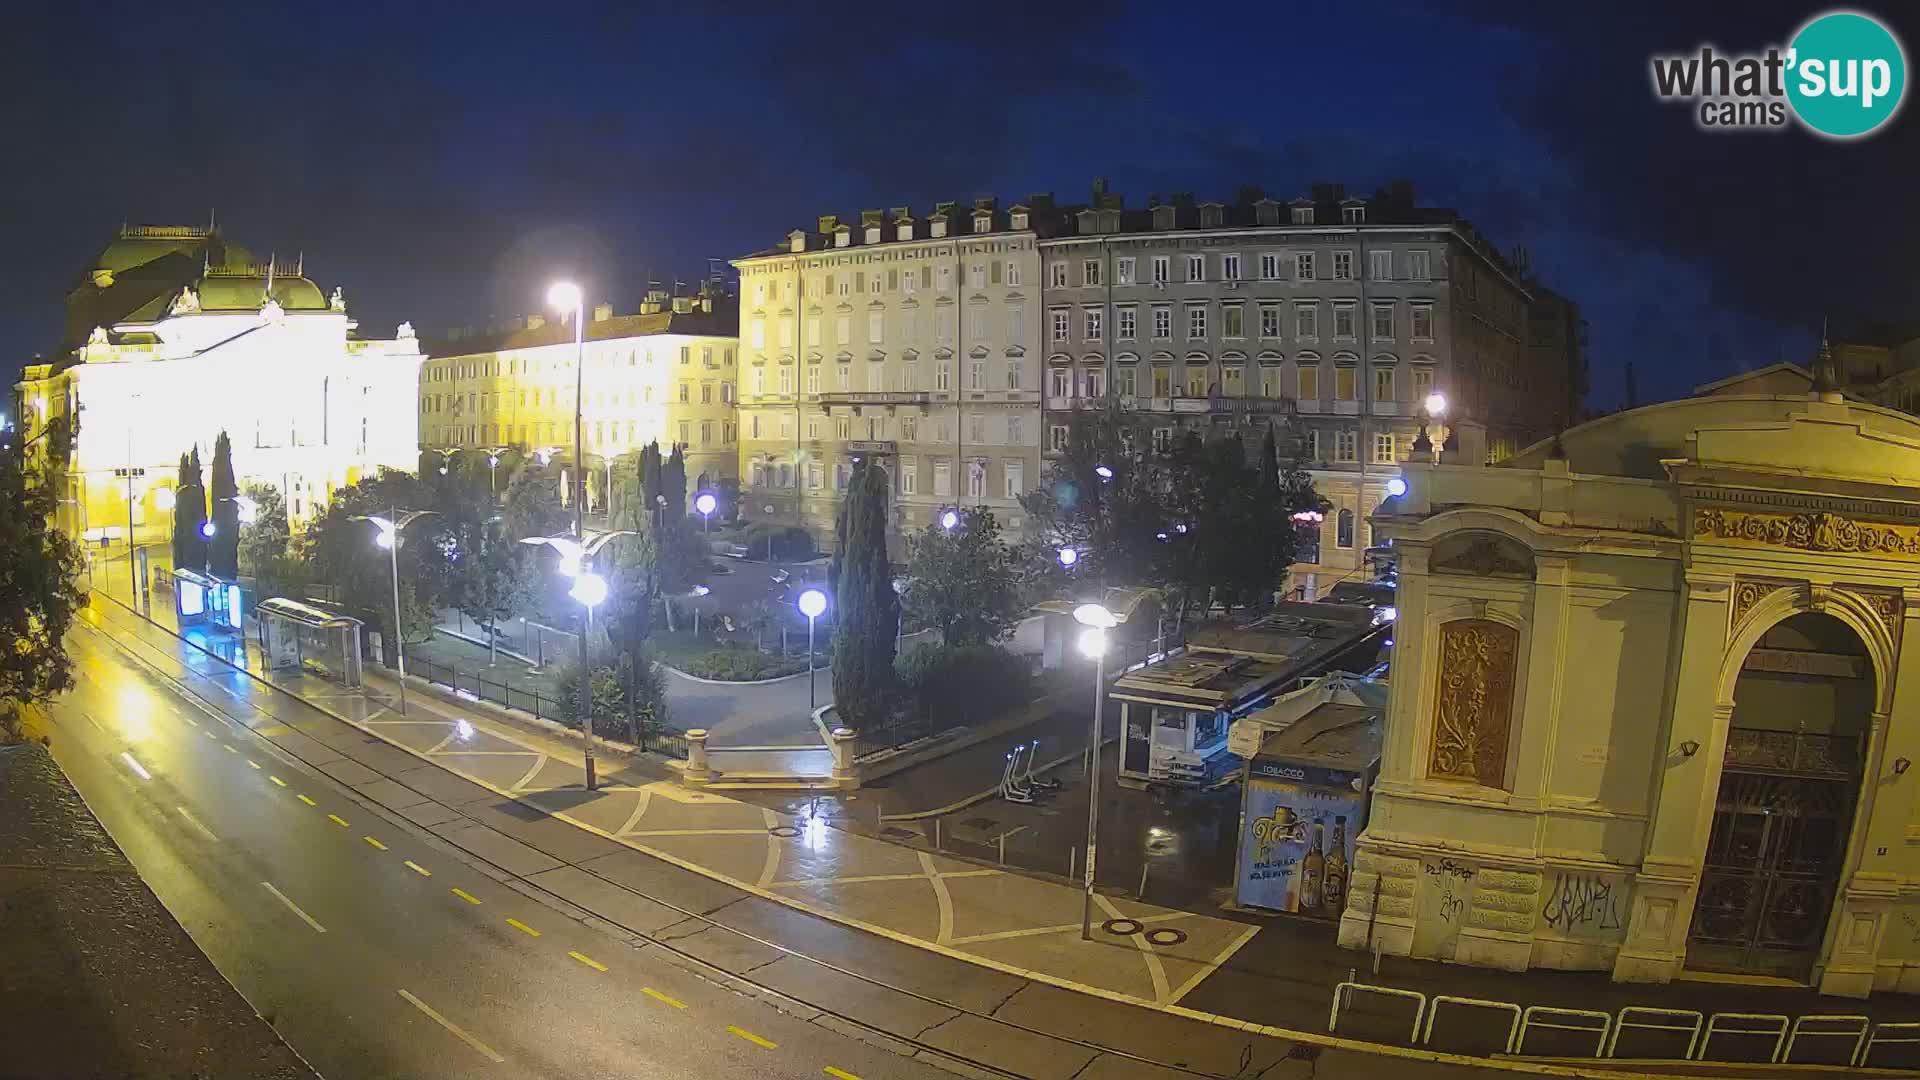 Webcam Rijeka – Park et Théâtre national croate Ivan pl. Zajc